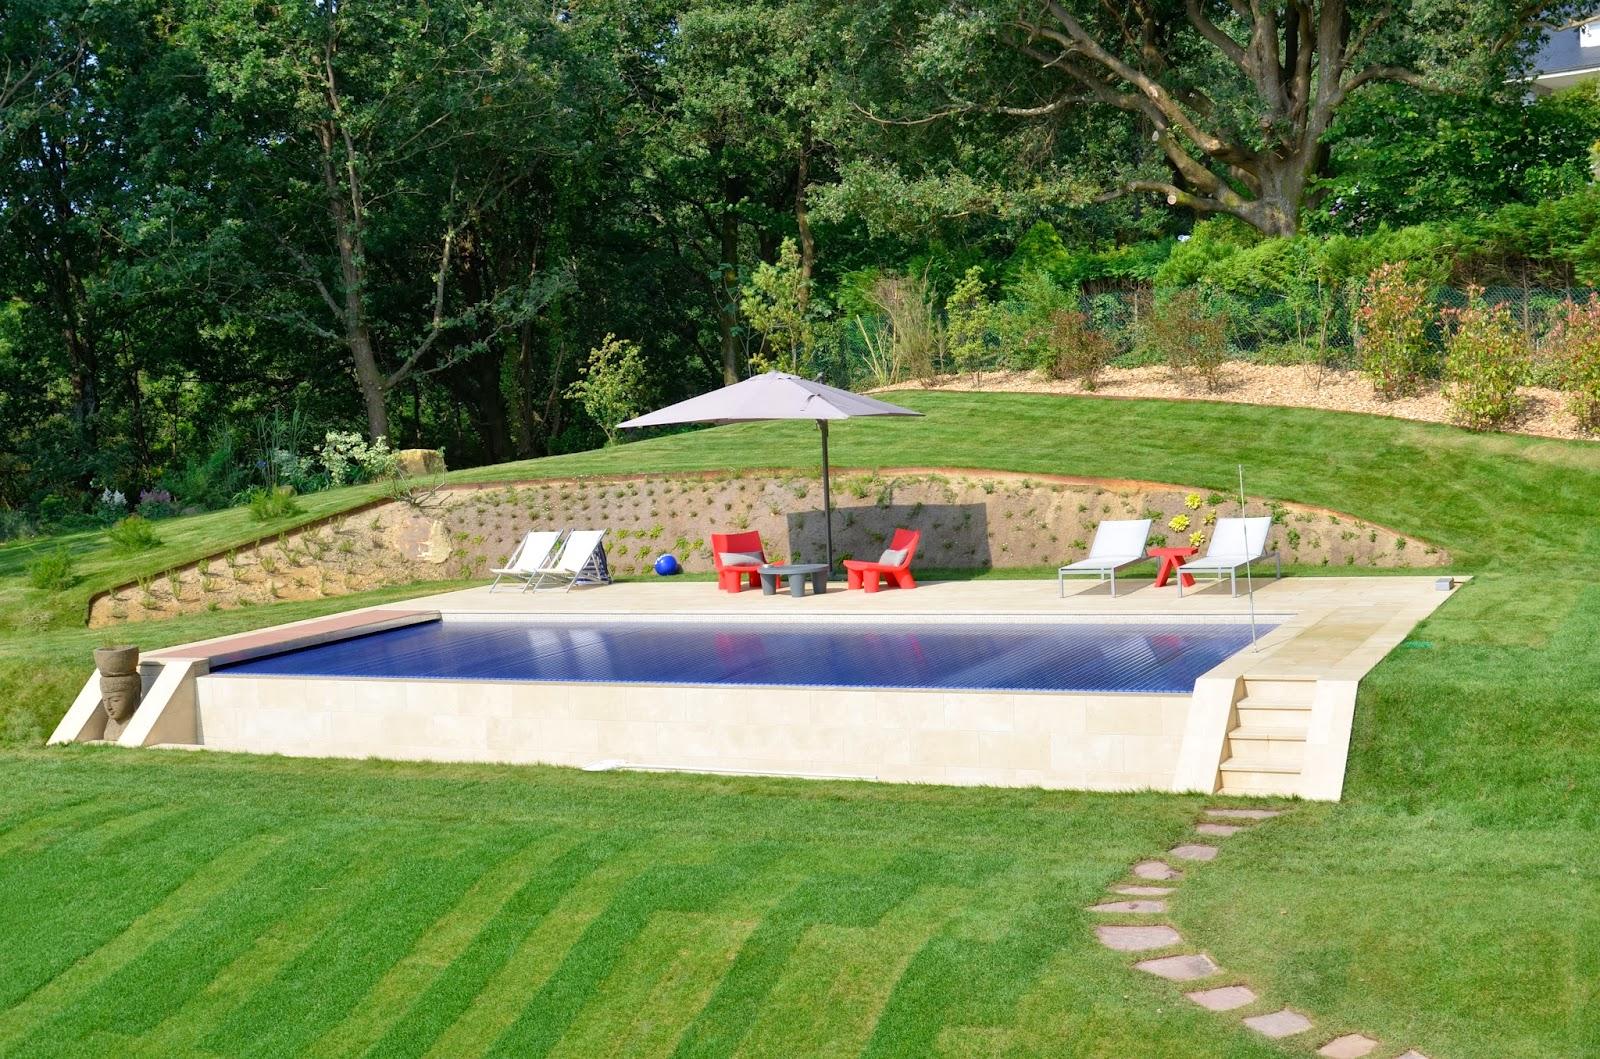 Rosa gres el encanto de una piscina del norte for Piscinas pequenas con encanto